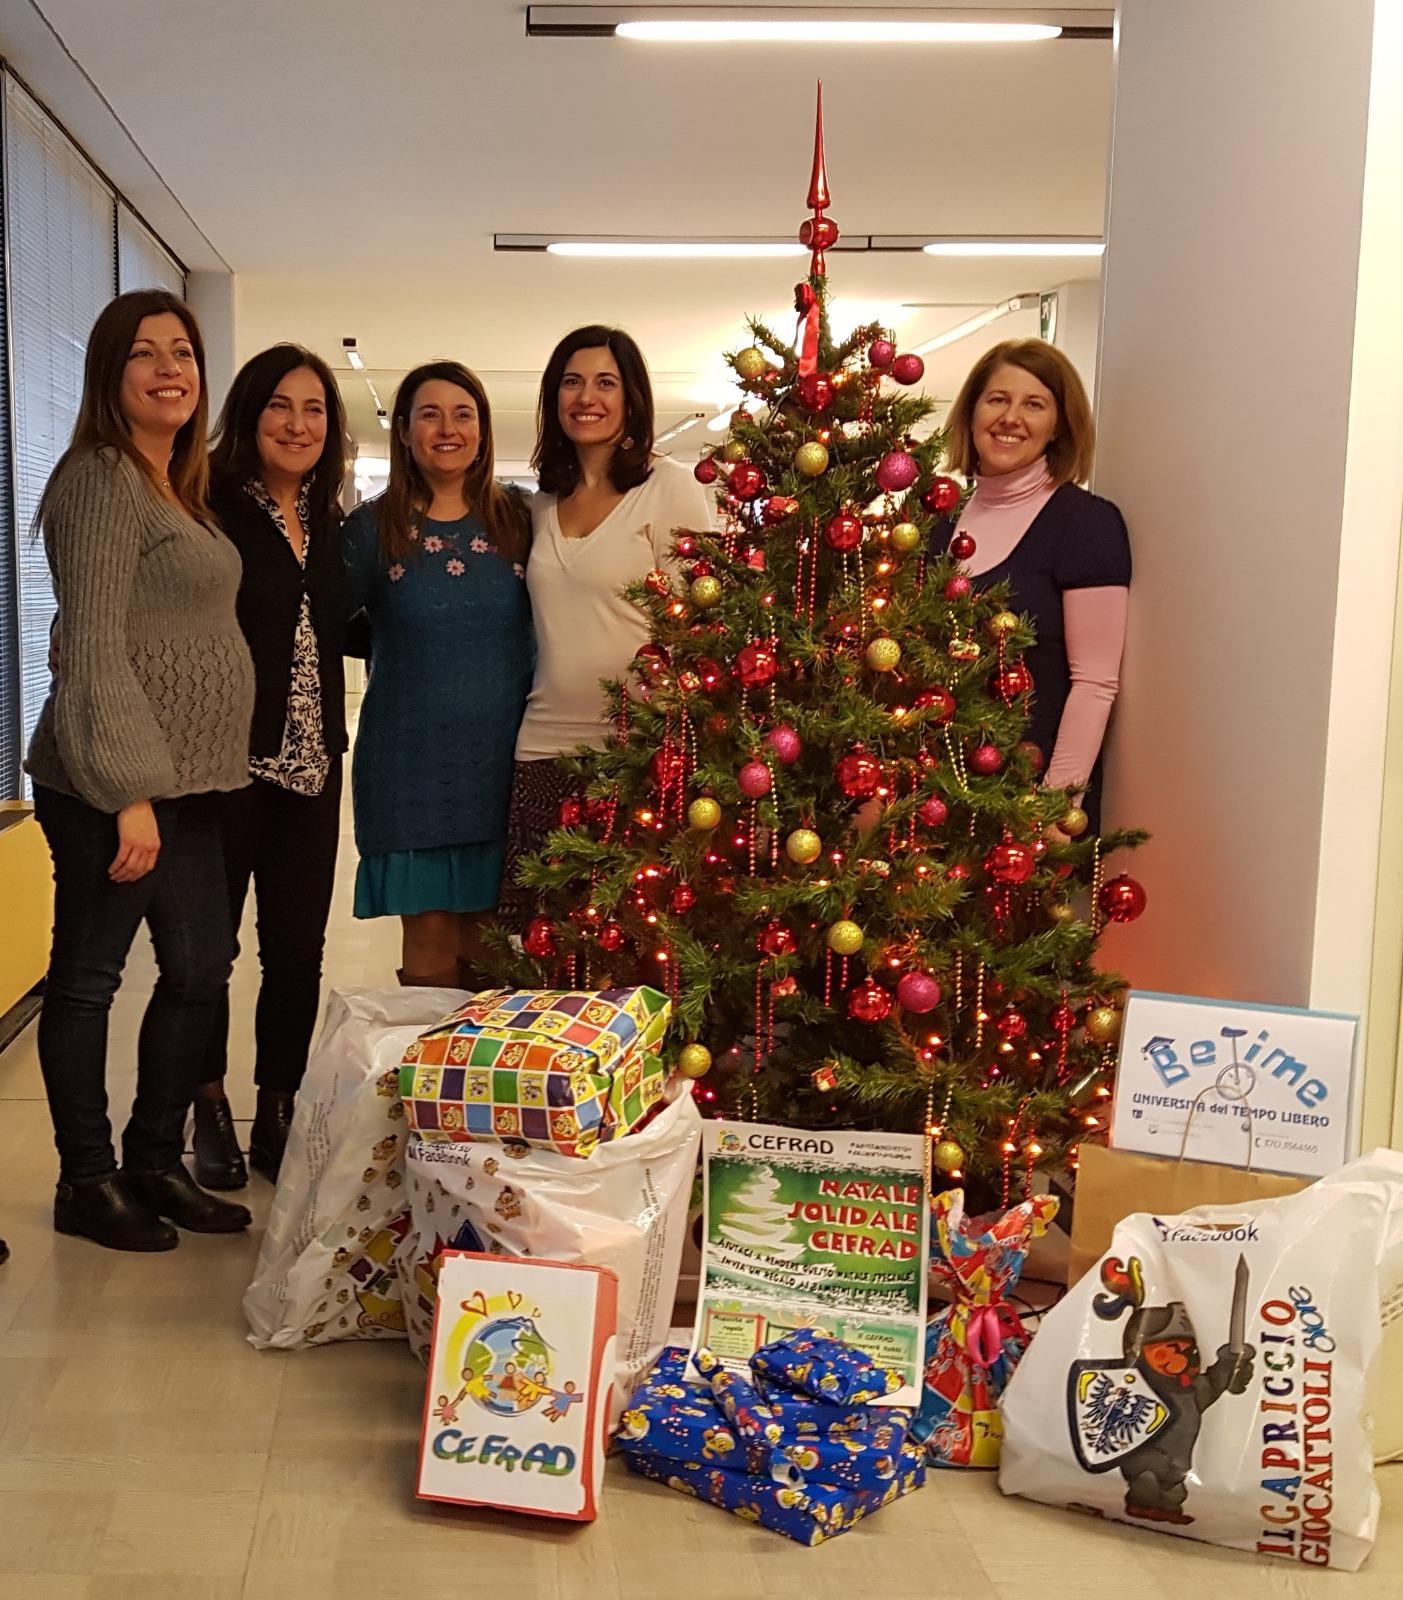 Le amiche Be Time con i 49 giocattoli raccolti e consegnati al CEFRAD